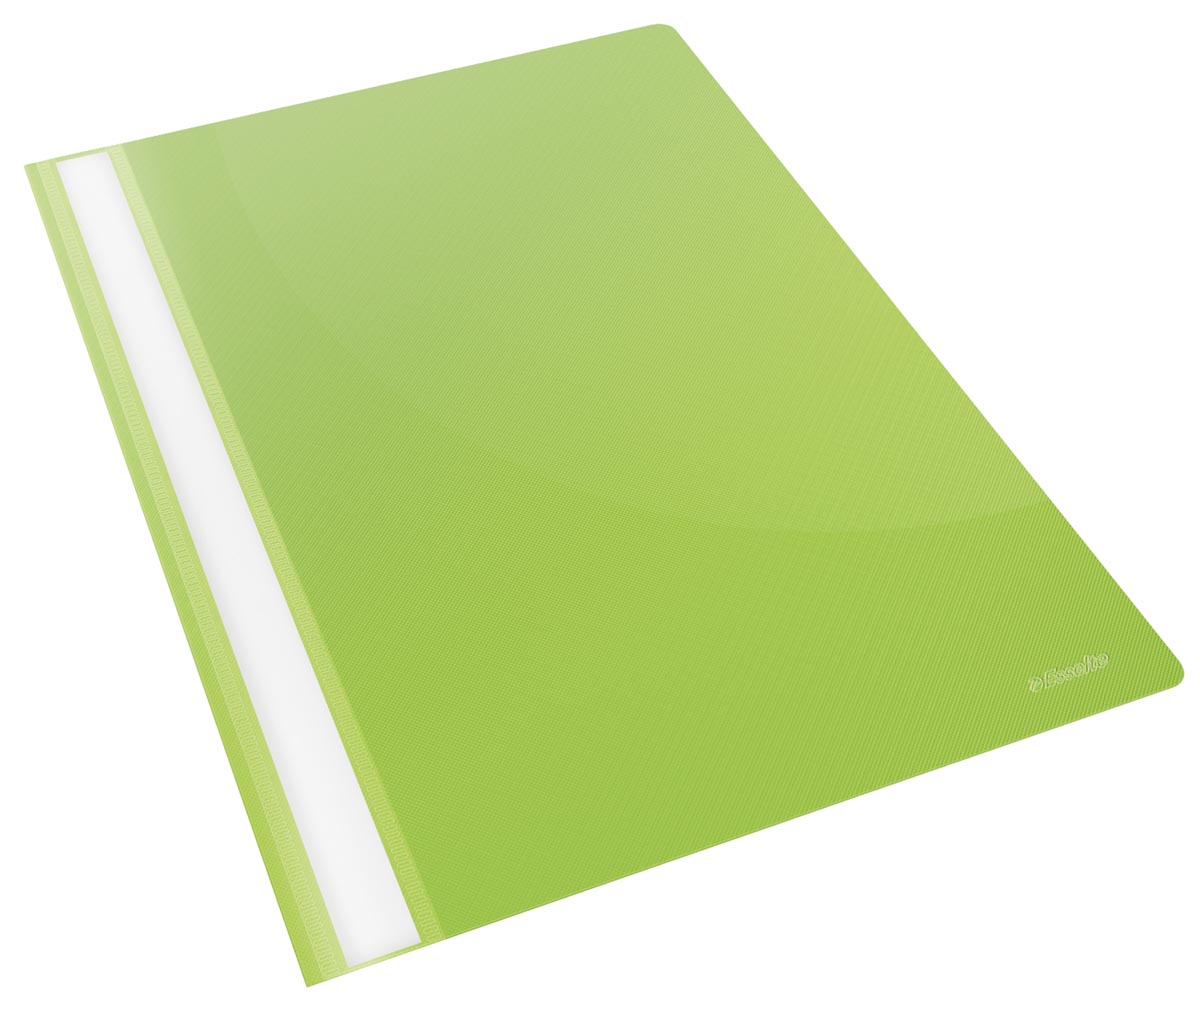 Esselte snelhechtmap Vivida groen, pak van 25 stuks